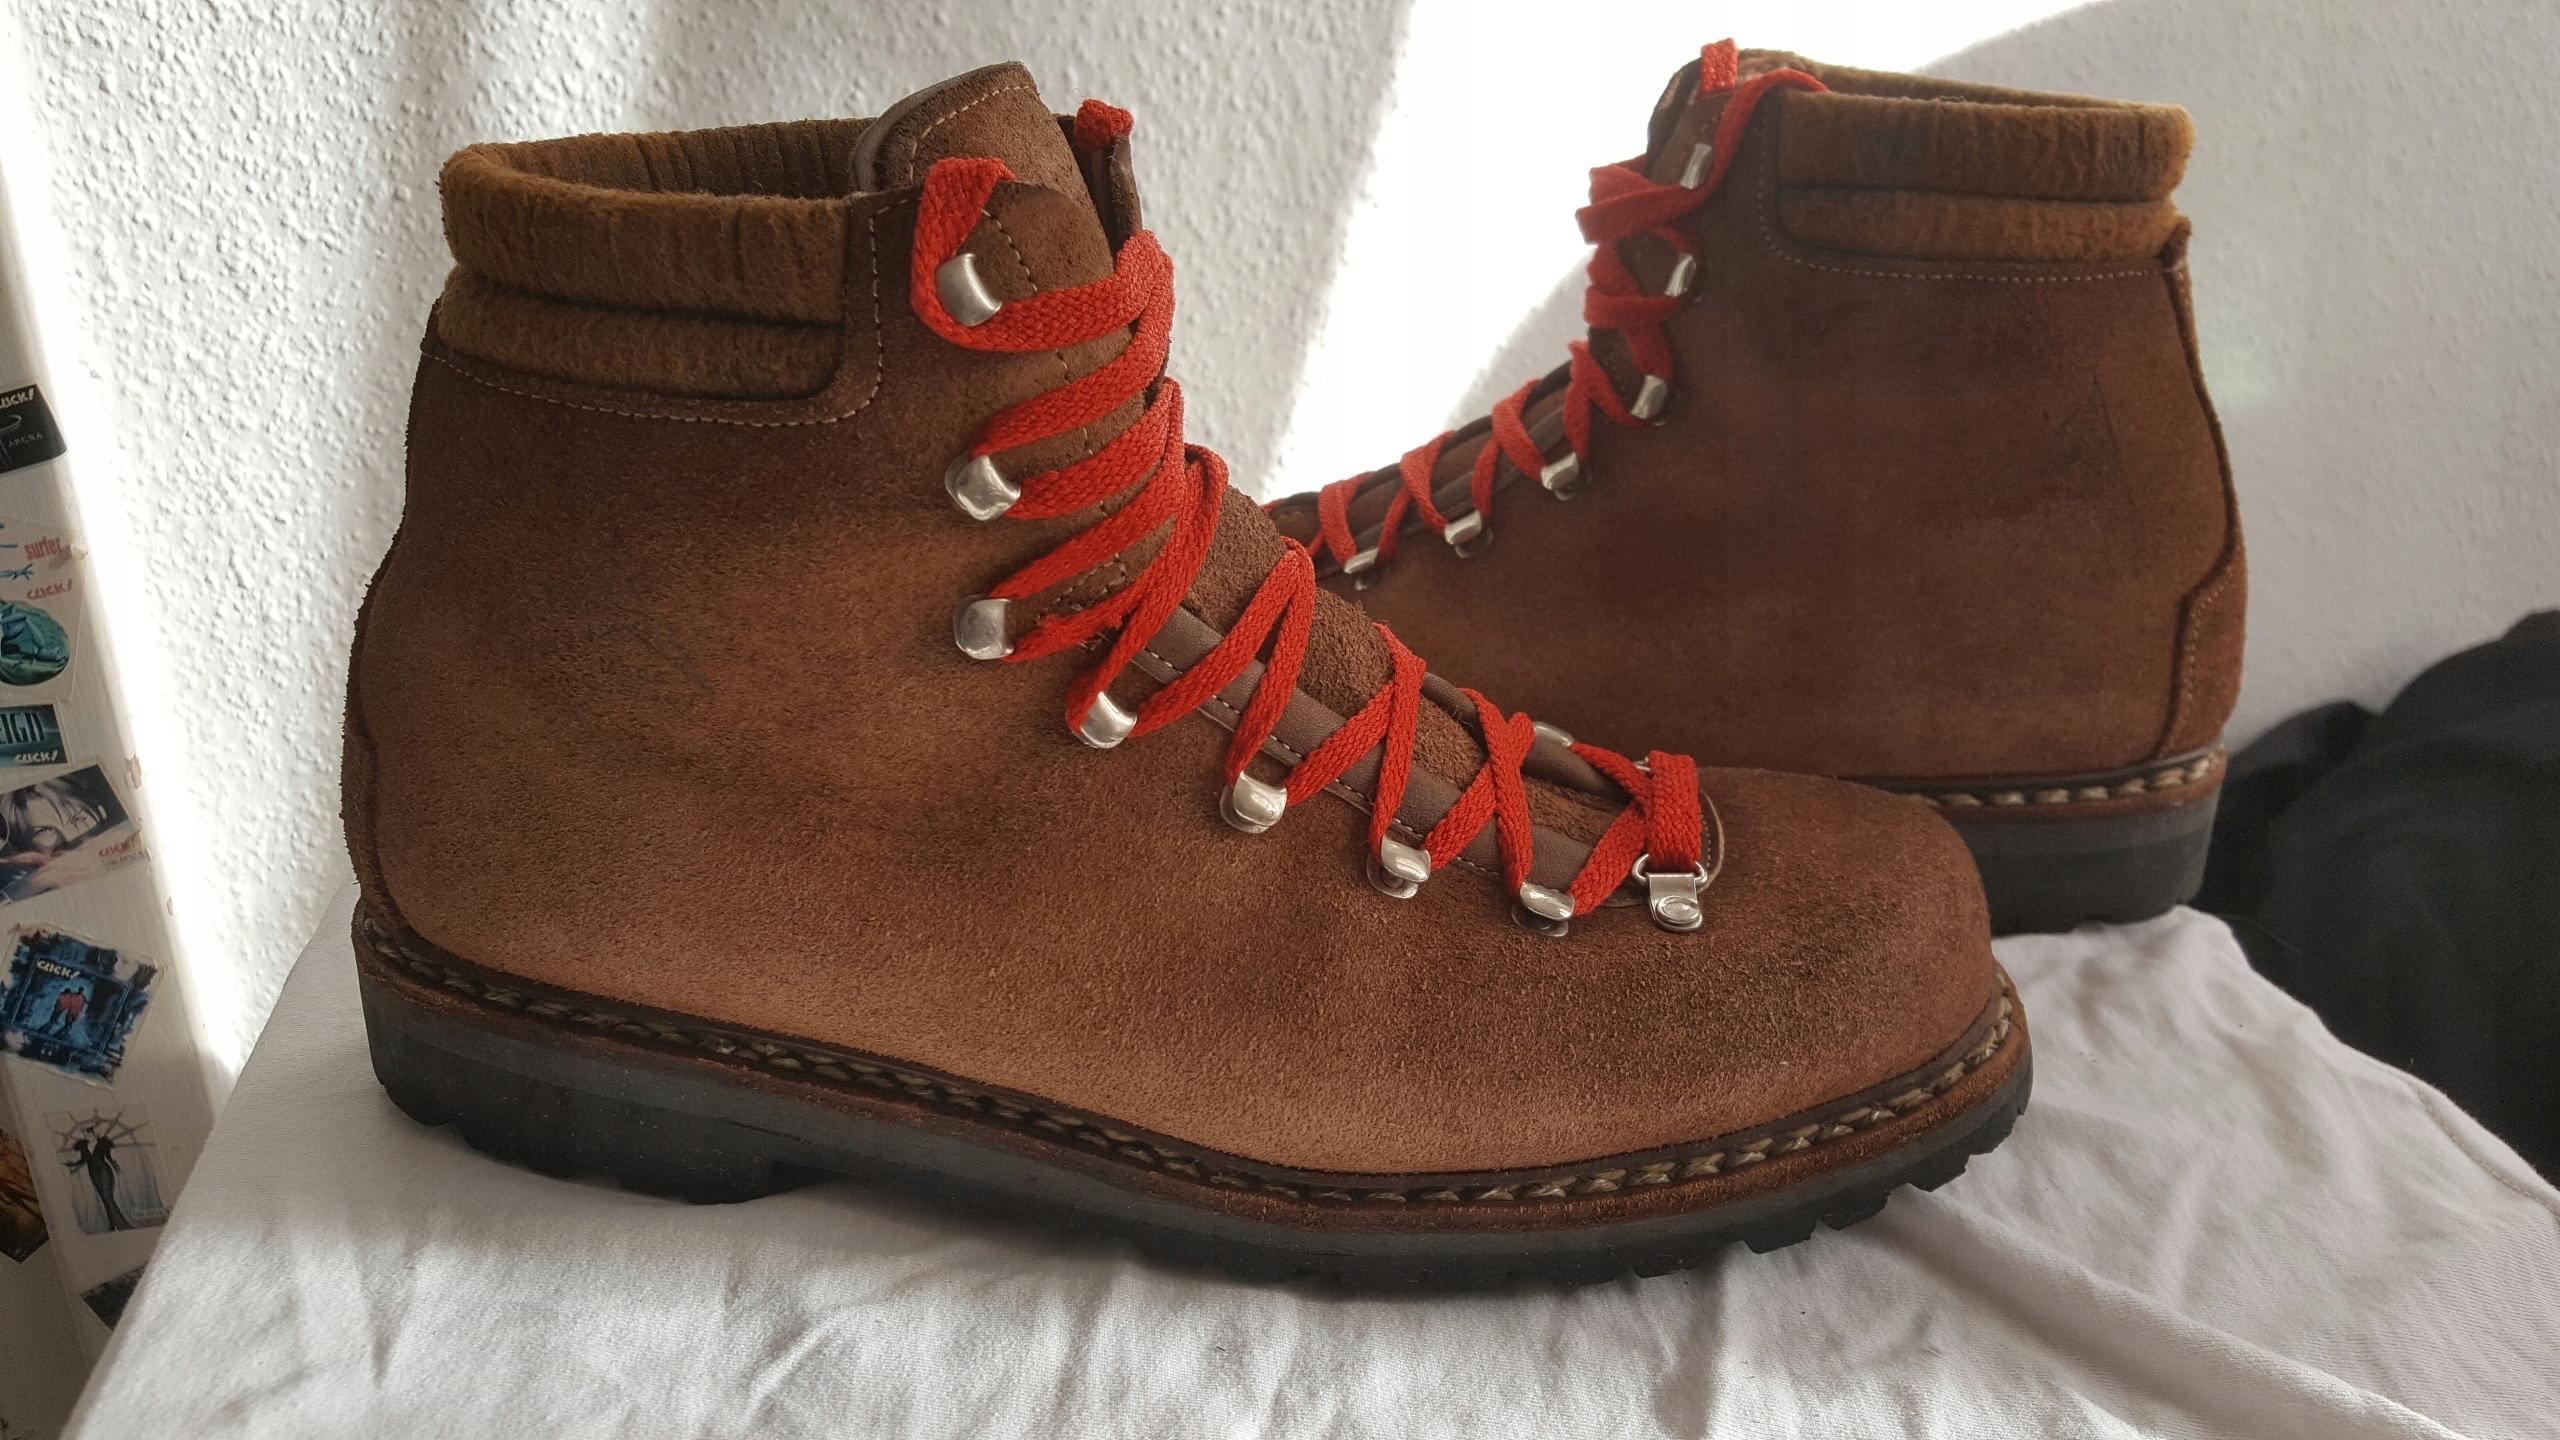 LOWA klasyczne skórzane buty trekkingowe 42 vibram